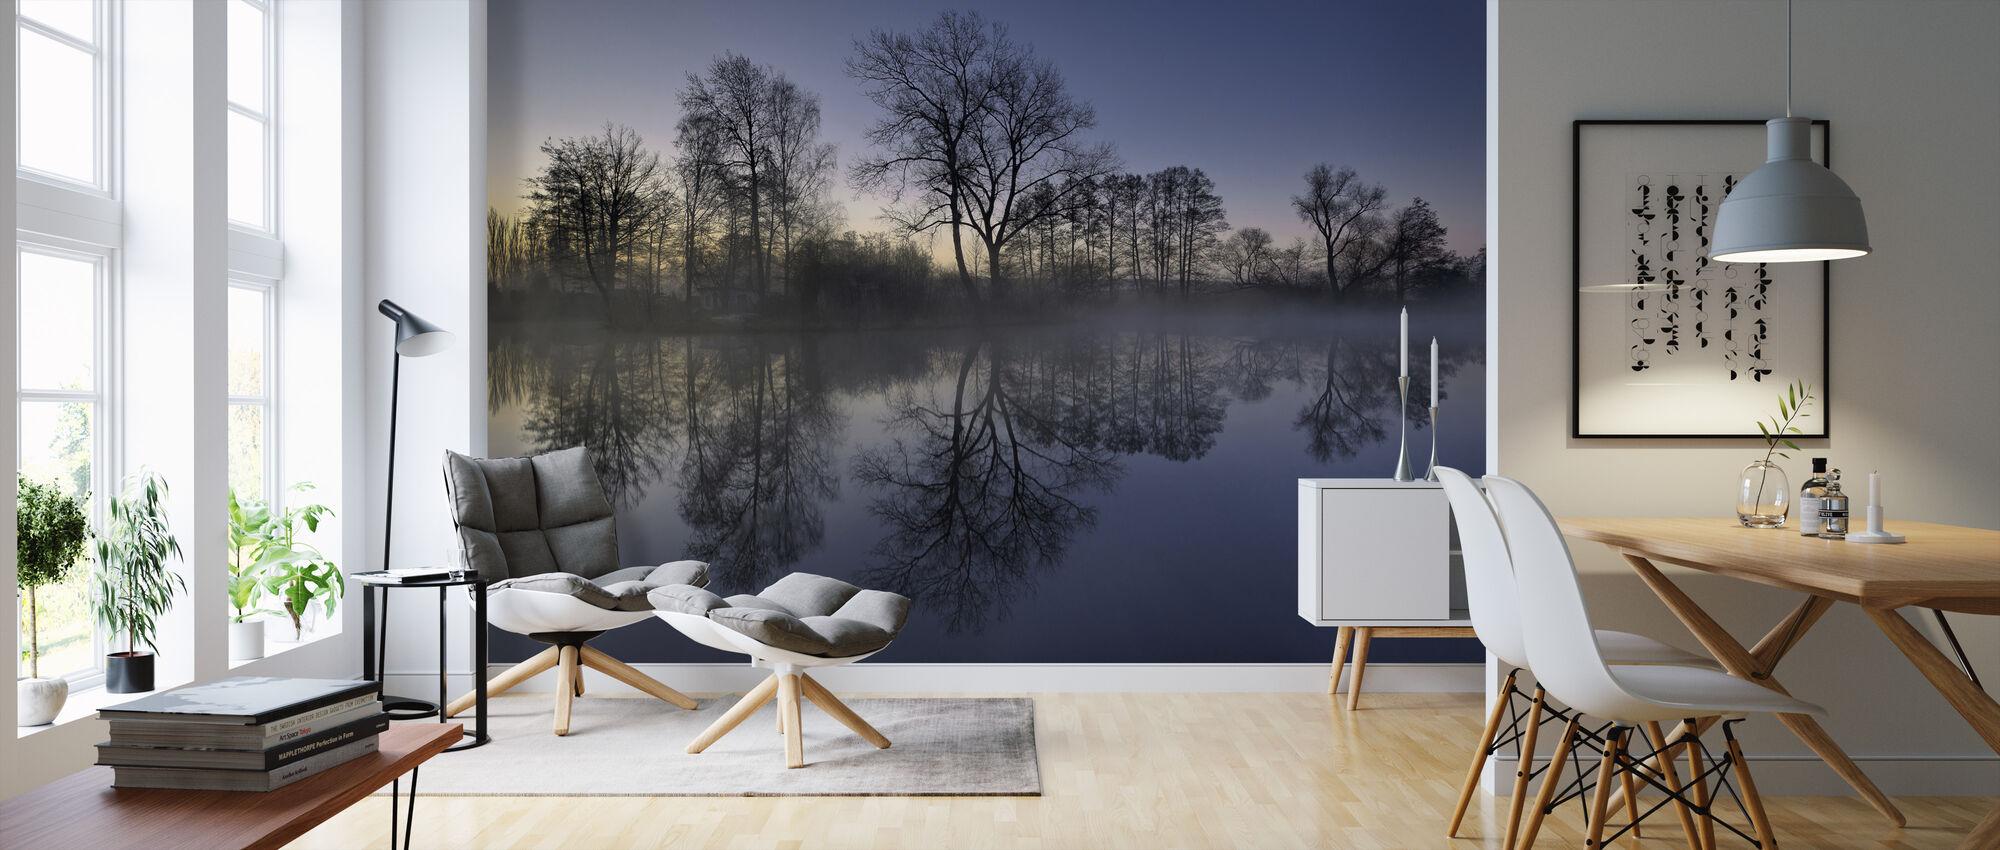 Enkel skönhet - Tapet - Vardagsrum